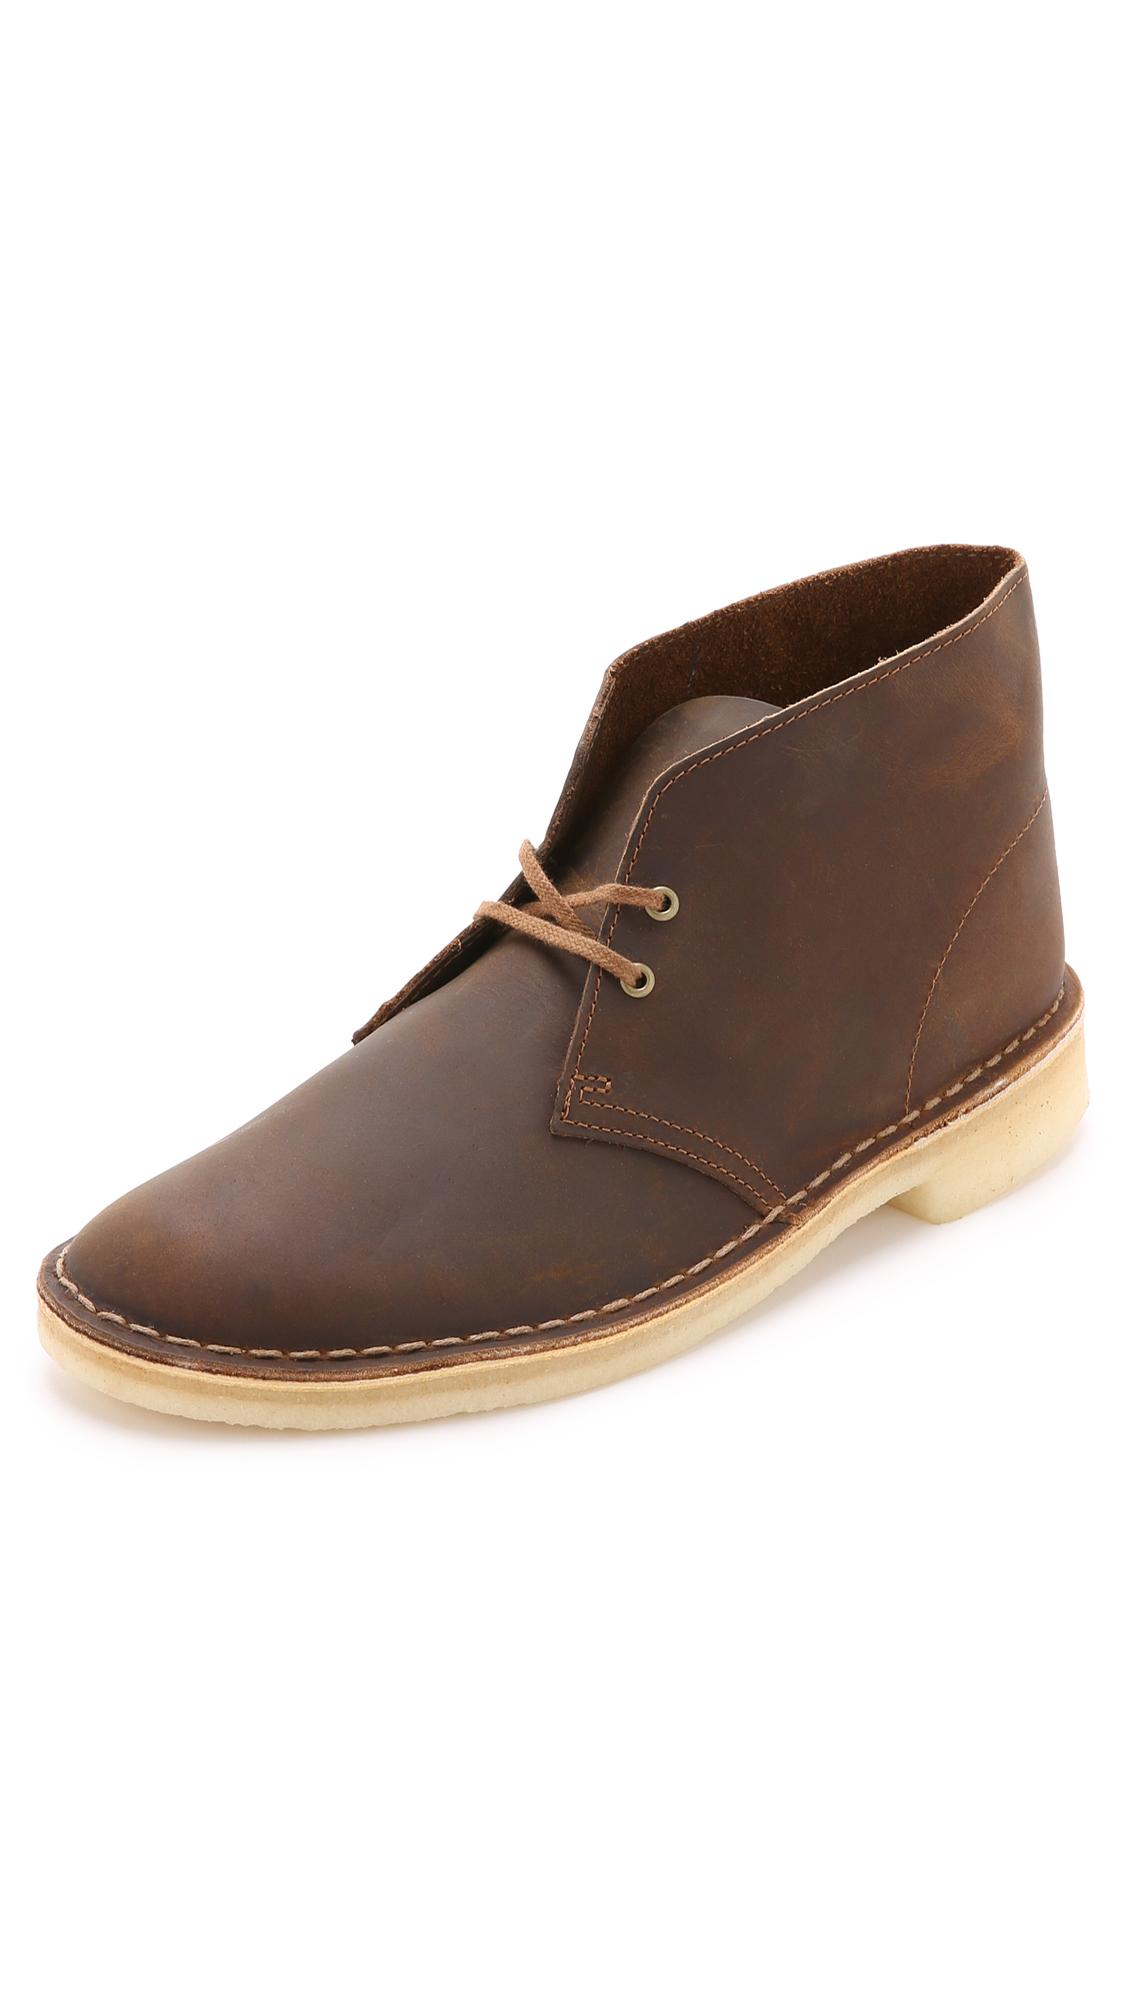 Mens Boots Designer For Men East Dane D Island Shoes Slip On British Comfort Leather Dark Brown Sold